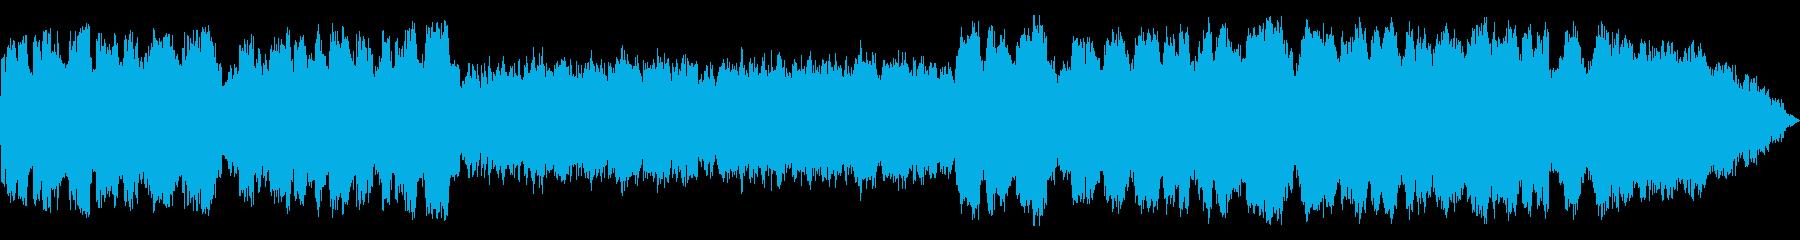 即興的な笛のヒーリング音楽の再生済みの波形